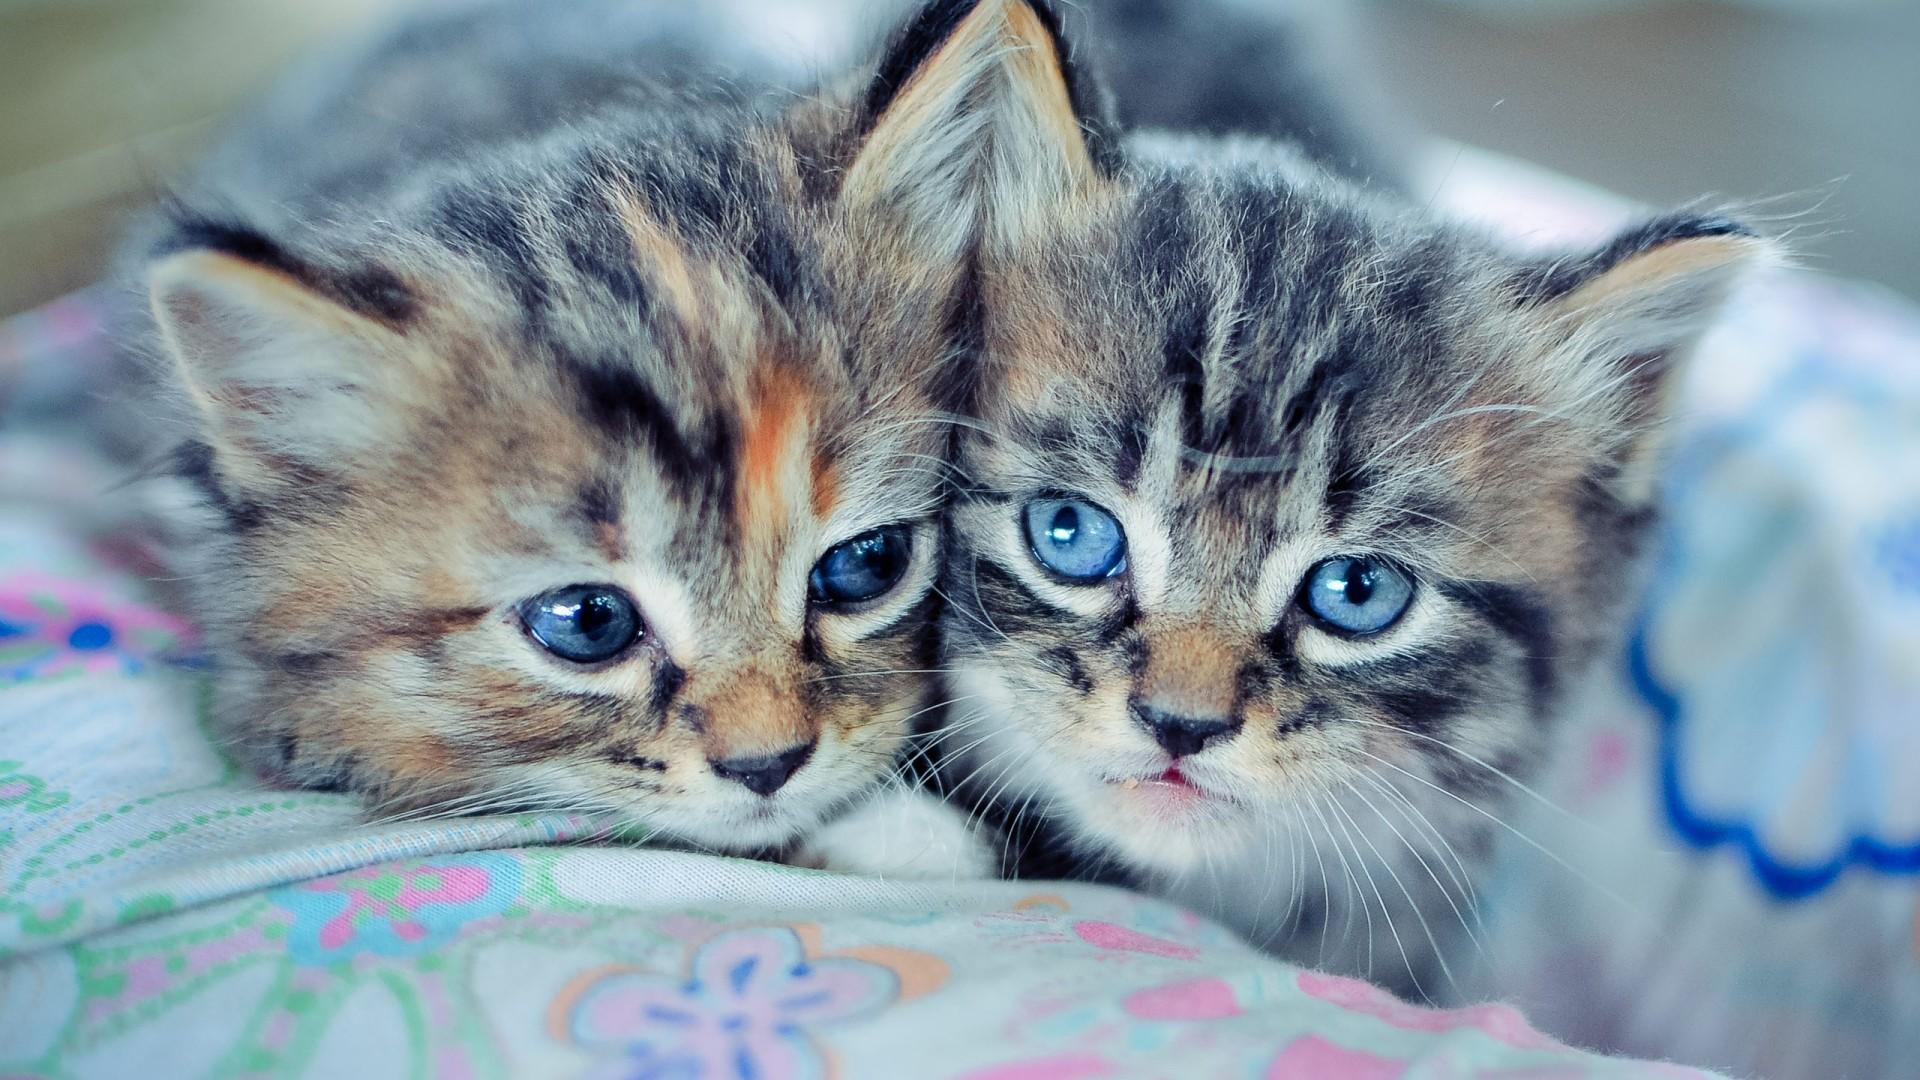 Обои на телефон на рабочий стол полосатые котята